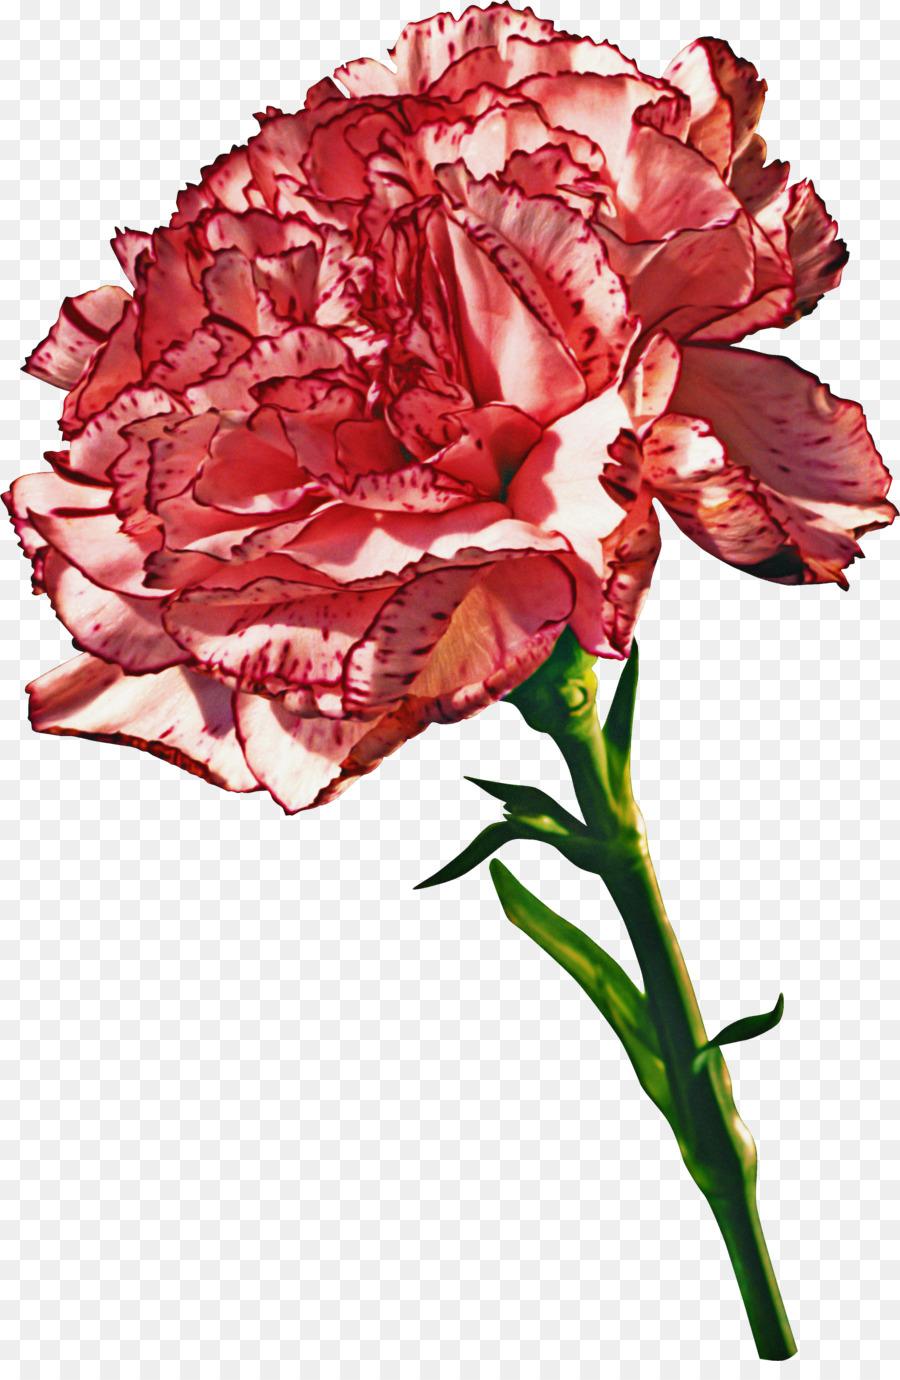 Descarga gratuita de Flor, Planta, Rojo imágenes PNG